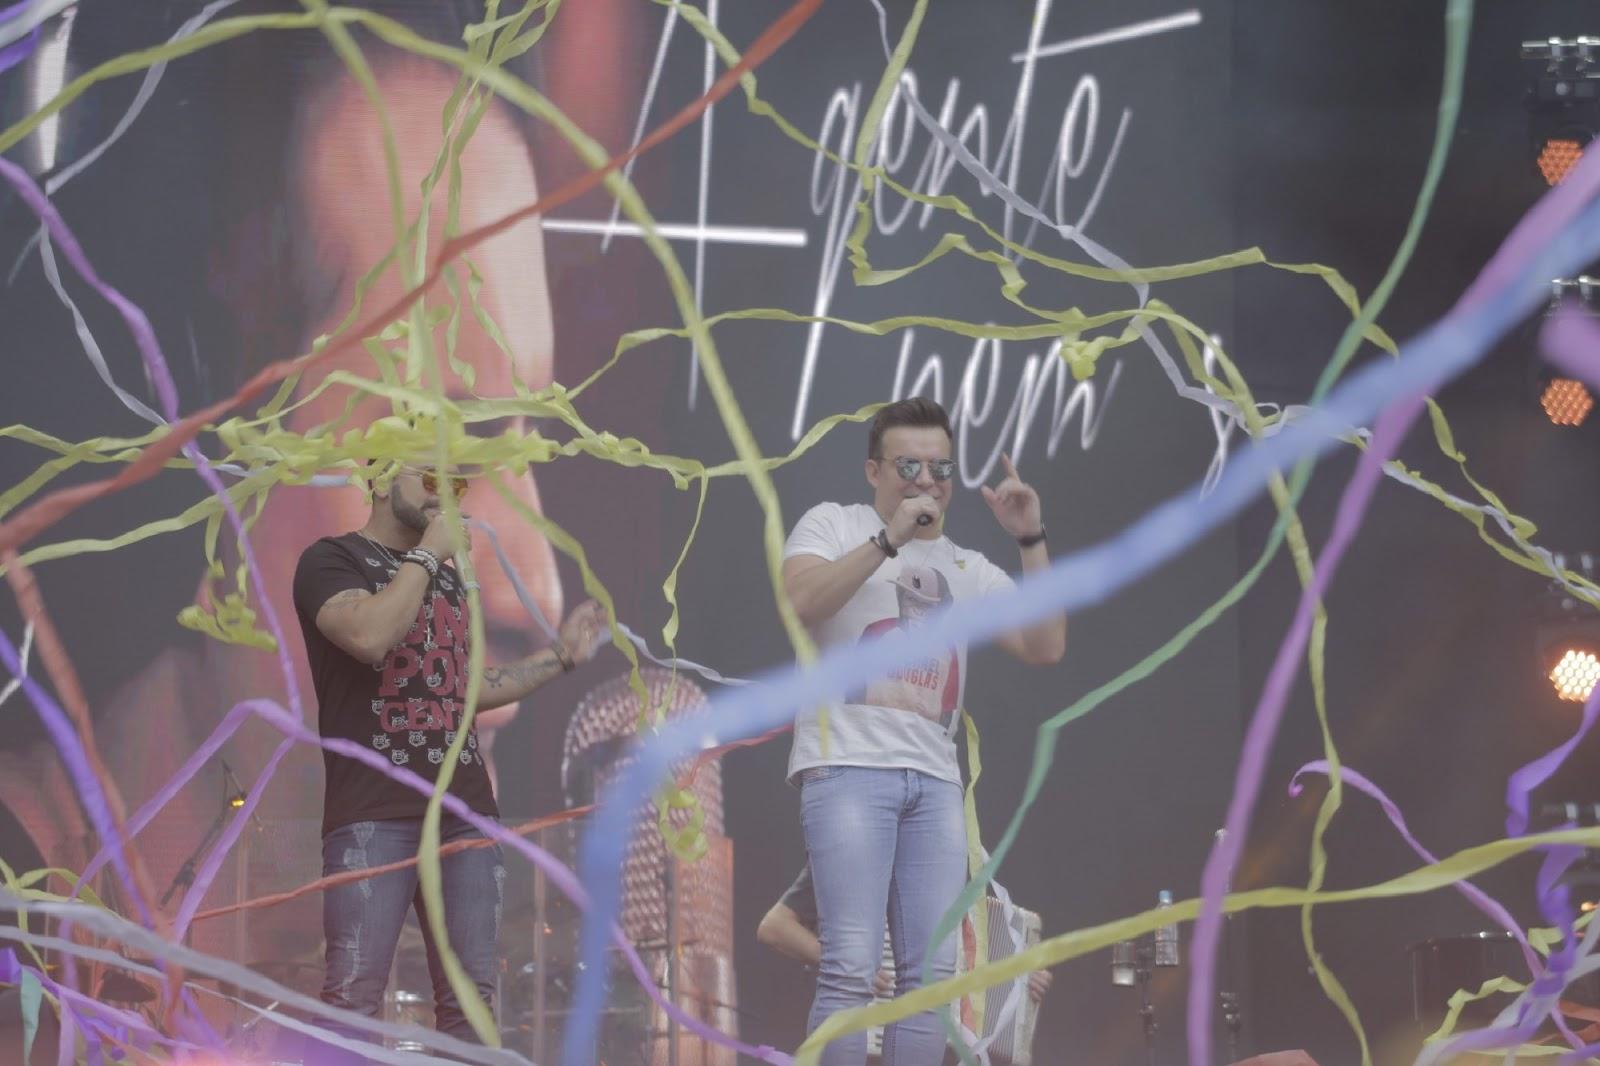 Primeira edio do skuta festival rene 46 mil pessoas em so paulo wesley safado gusttavo lima lo santana dj vintage culture maiara e maraisa marilia mendona henrique e juliano e dennis para encerrar fandeluxe Choice Image